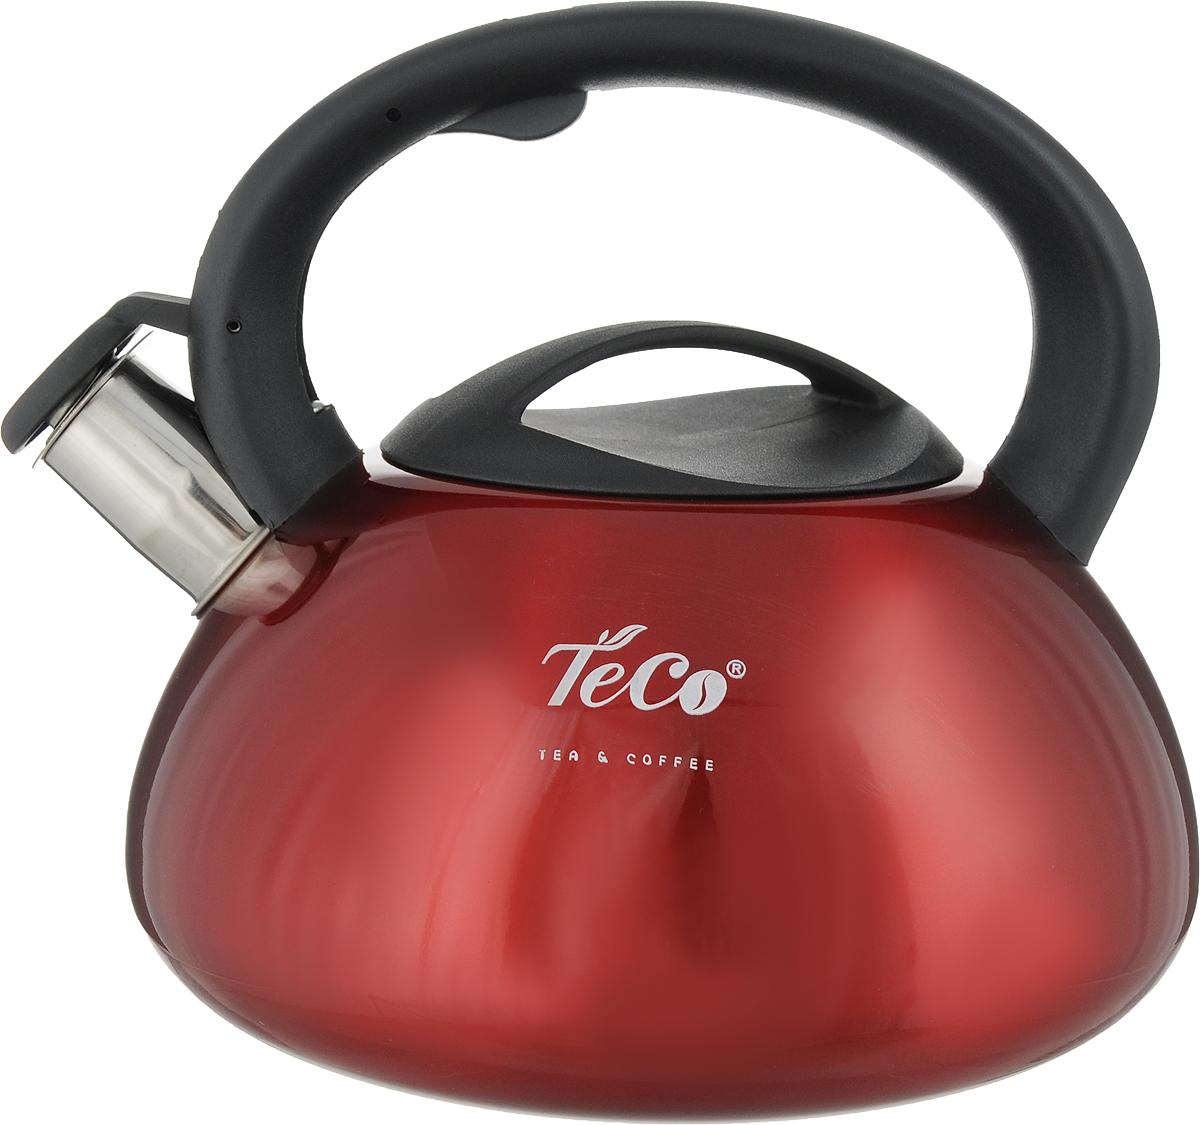 Чайник Teco, со свистком, цвет: красный, 3 л. TC-102-R gipfel чайник для кипячения воды visit 2 7 л